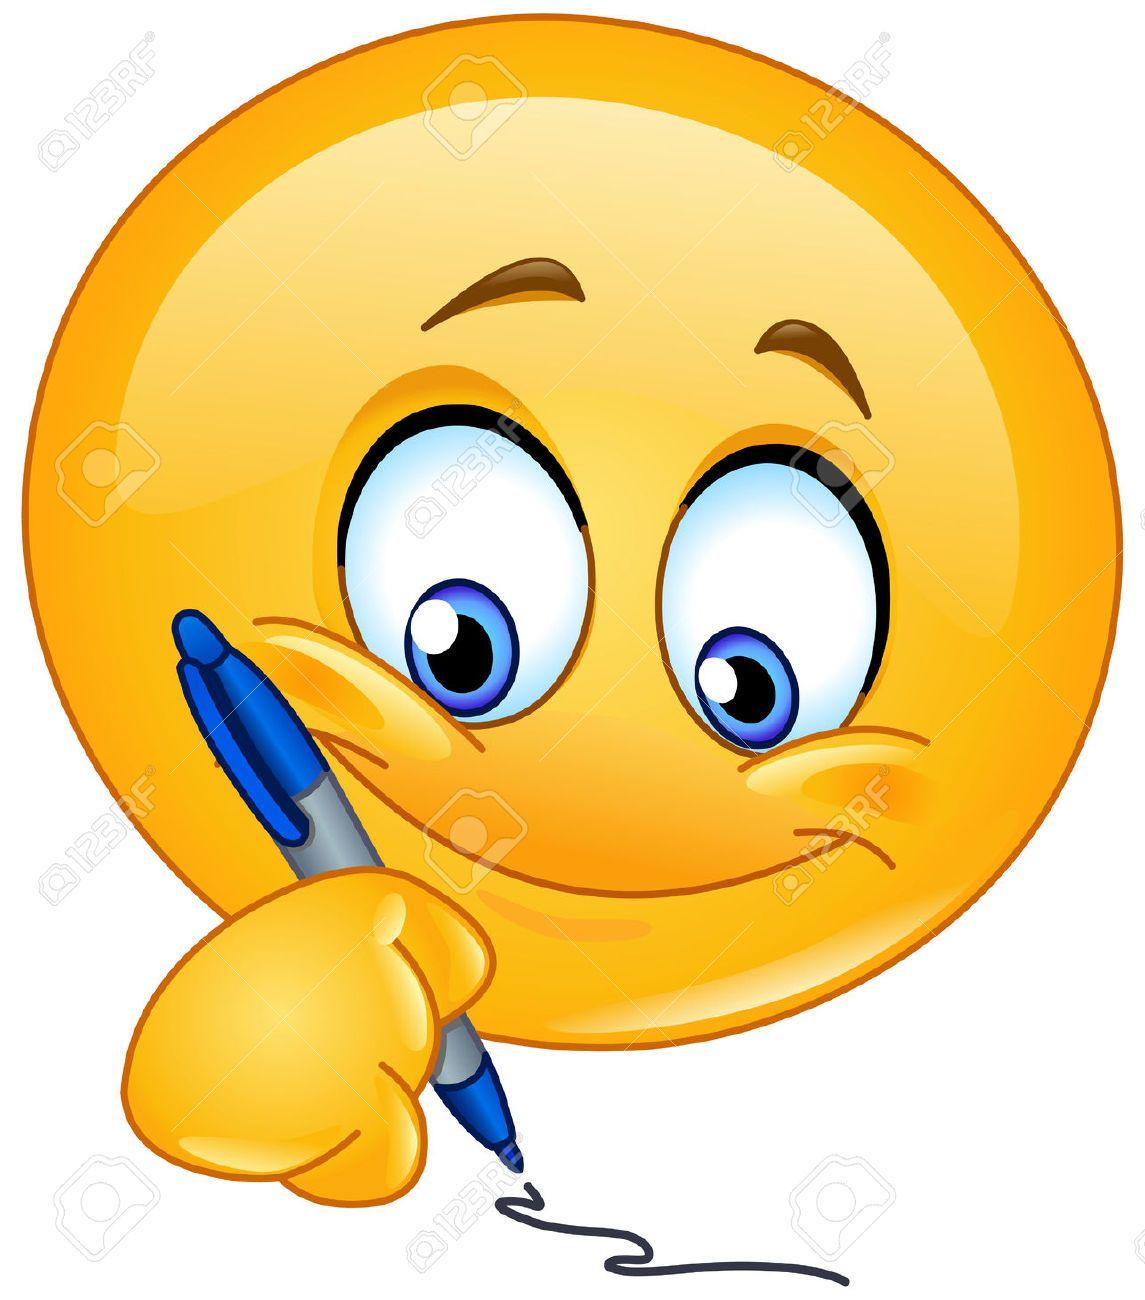 Stock Vector Funny emoticons, Smiley emoji, Emoji images